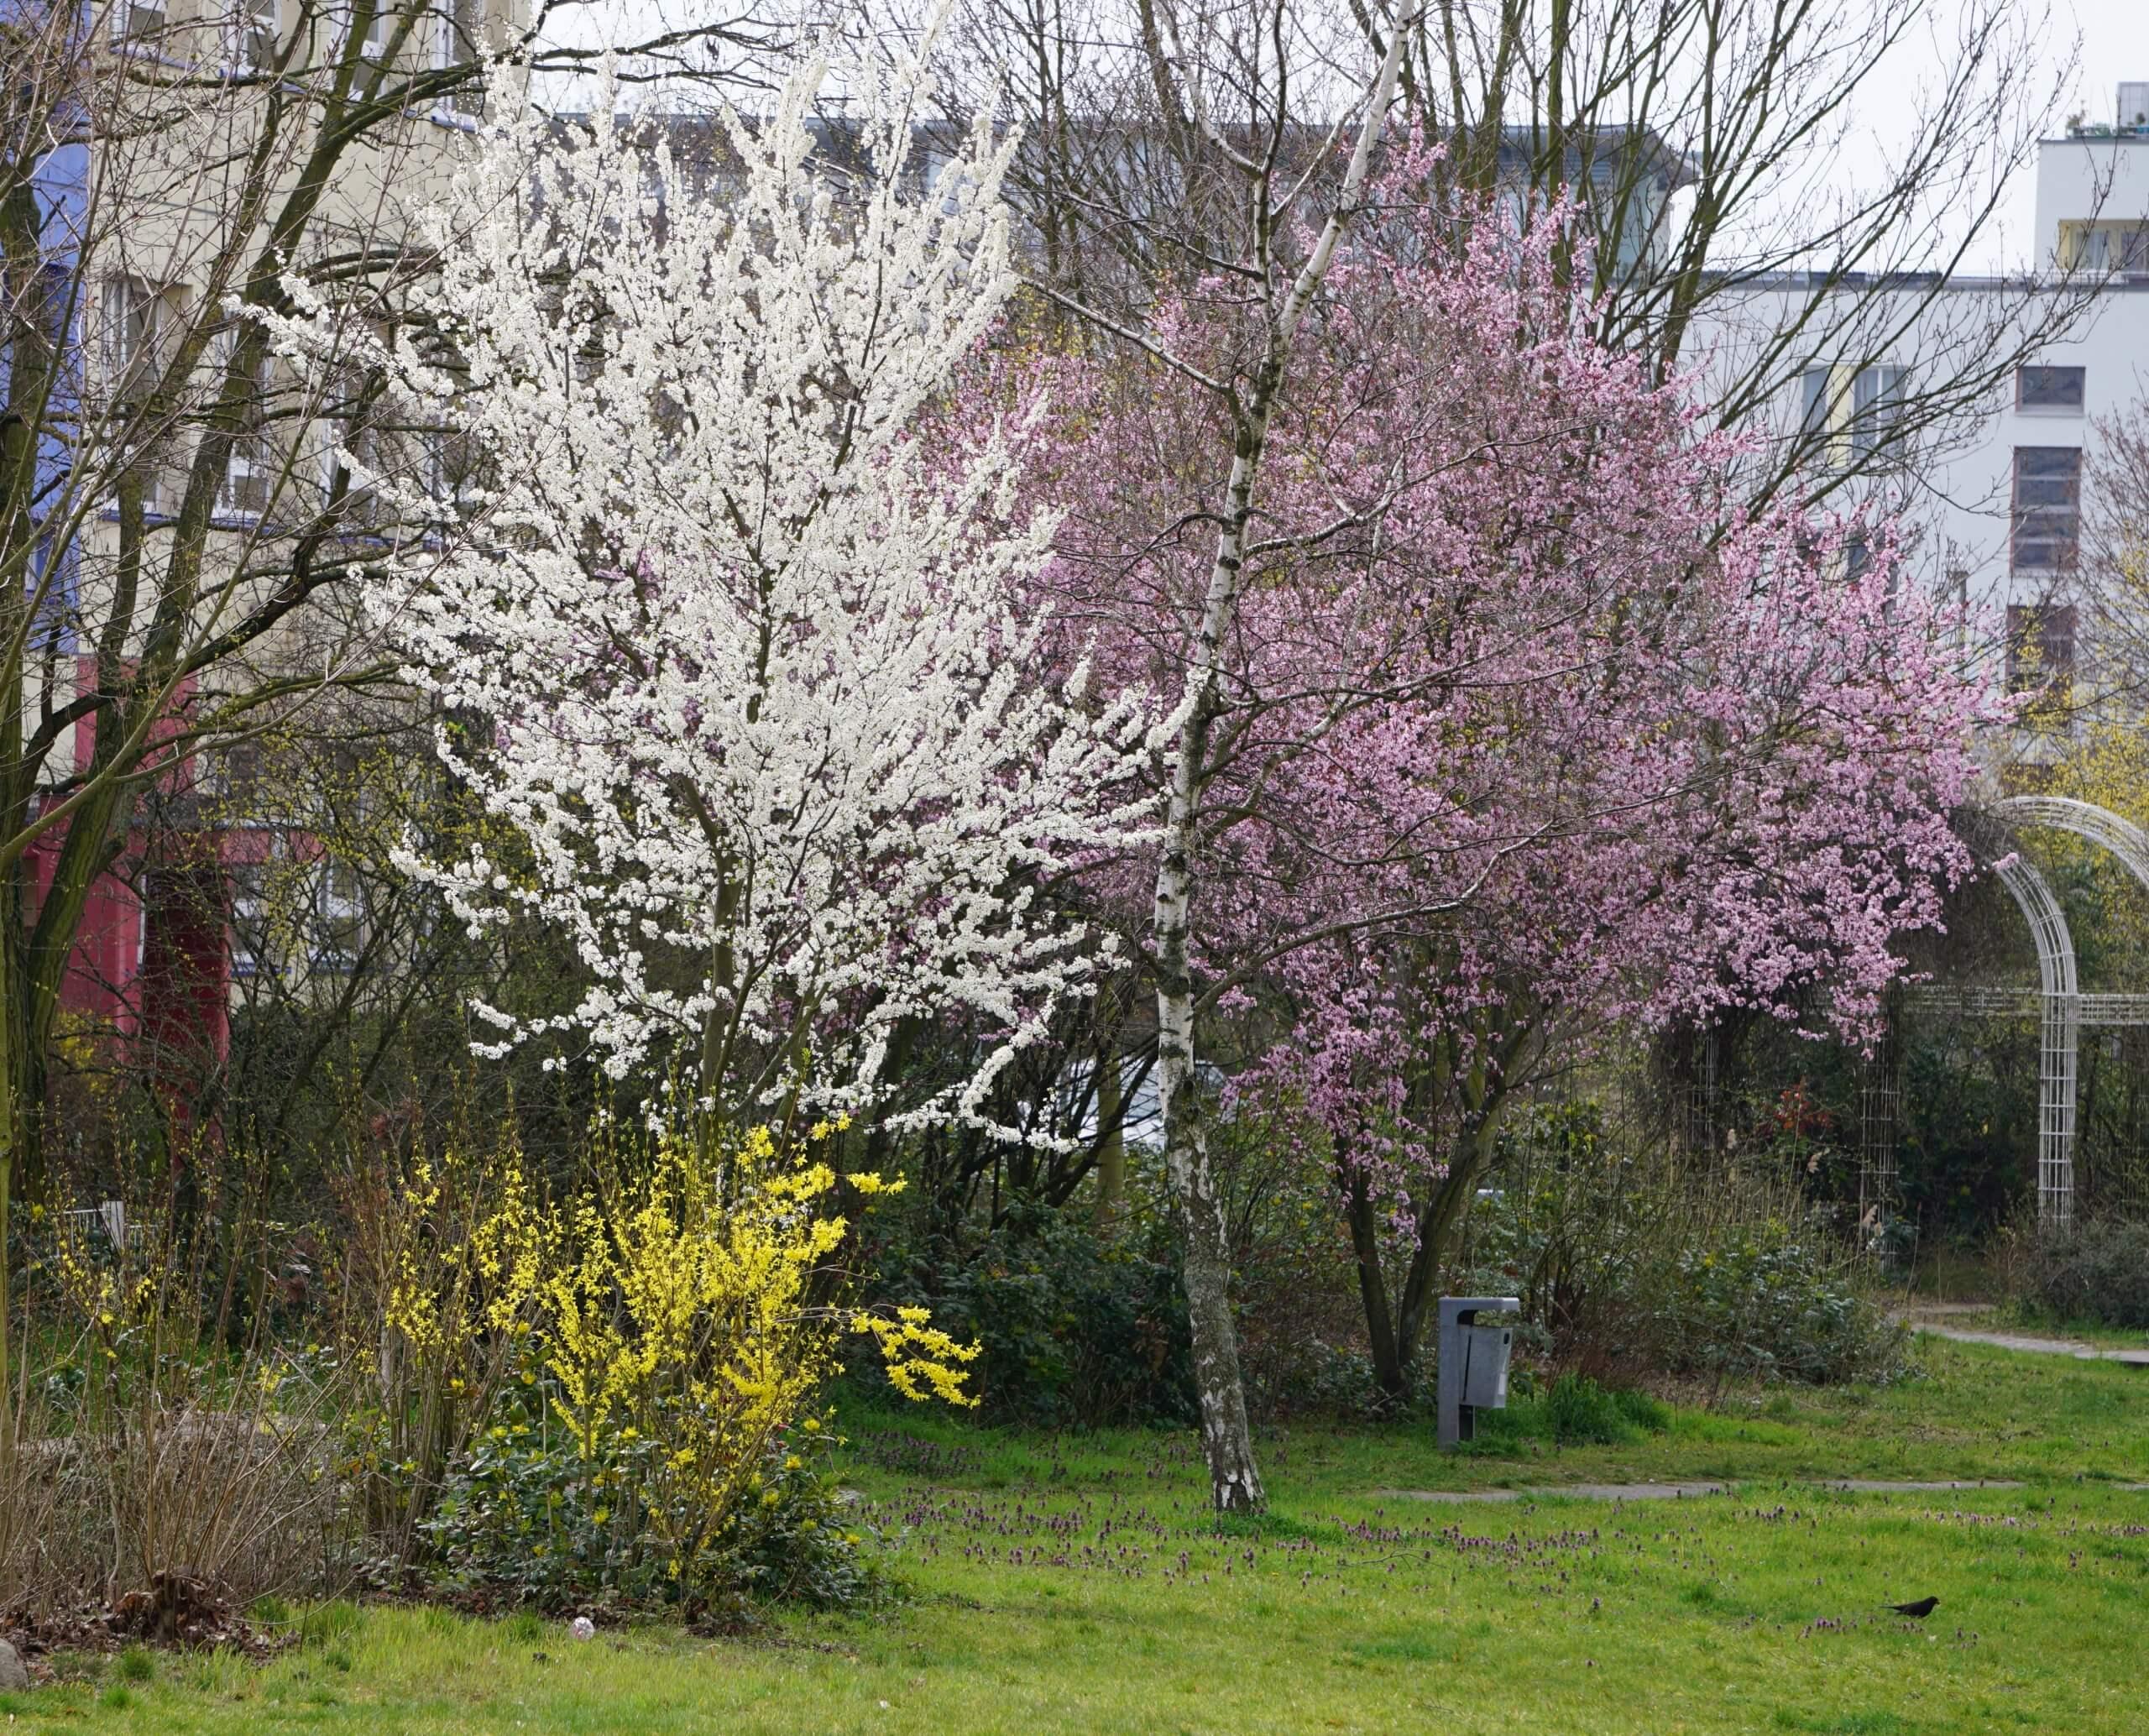 Das Bild zeigt die im Frühjahr bunt erscheinende Natur, die dies vor allem Frühblühern verdankt, die kurz vor dem Laub-Austrieb ihre Blüten öffnen, darunter verschiedene Kirschen-Arten wie die Zierkirsche und die gelb blühende Forsythie. Hier im Kosmosviertel in der Grünanlage am Anne-Frank-Gymnasium.